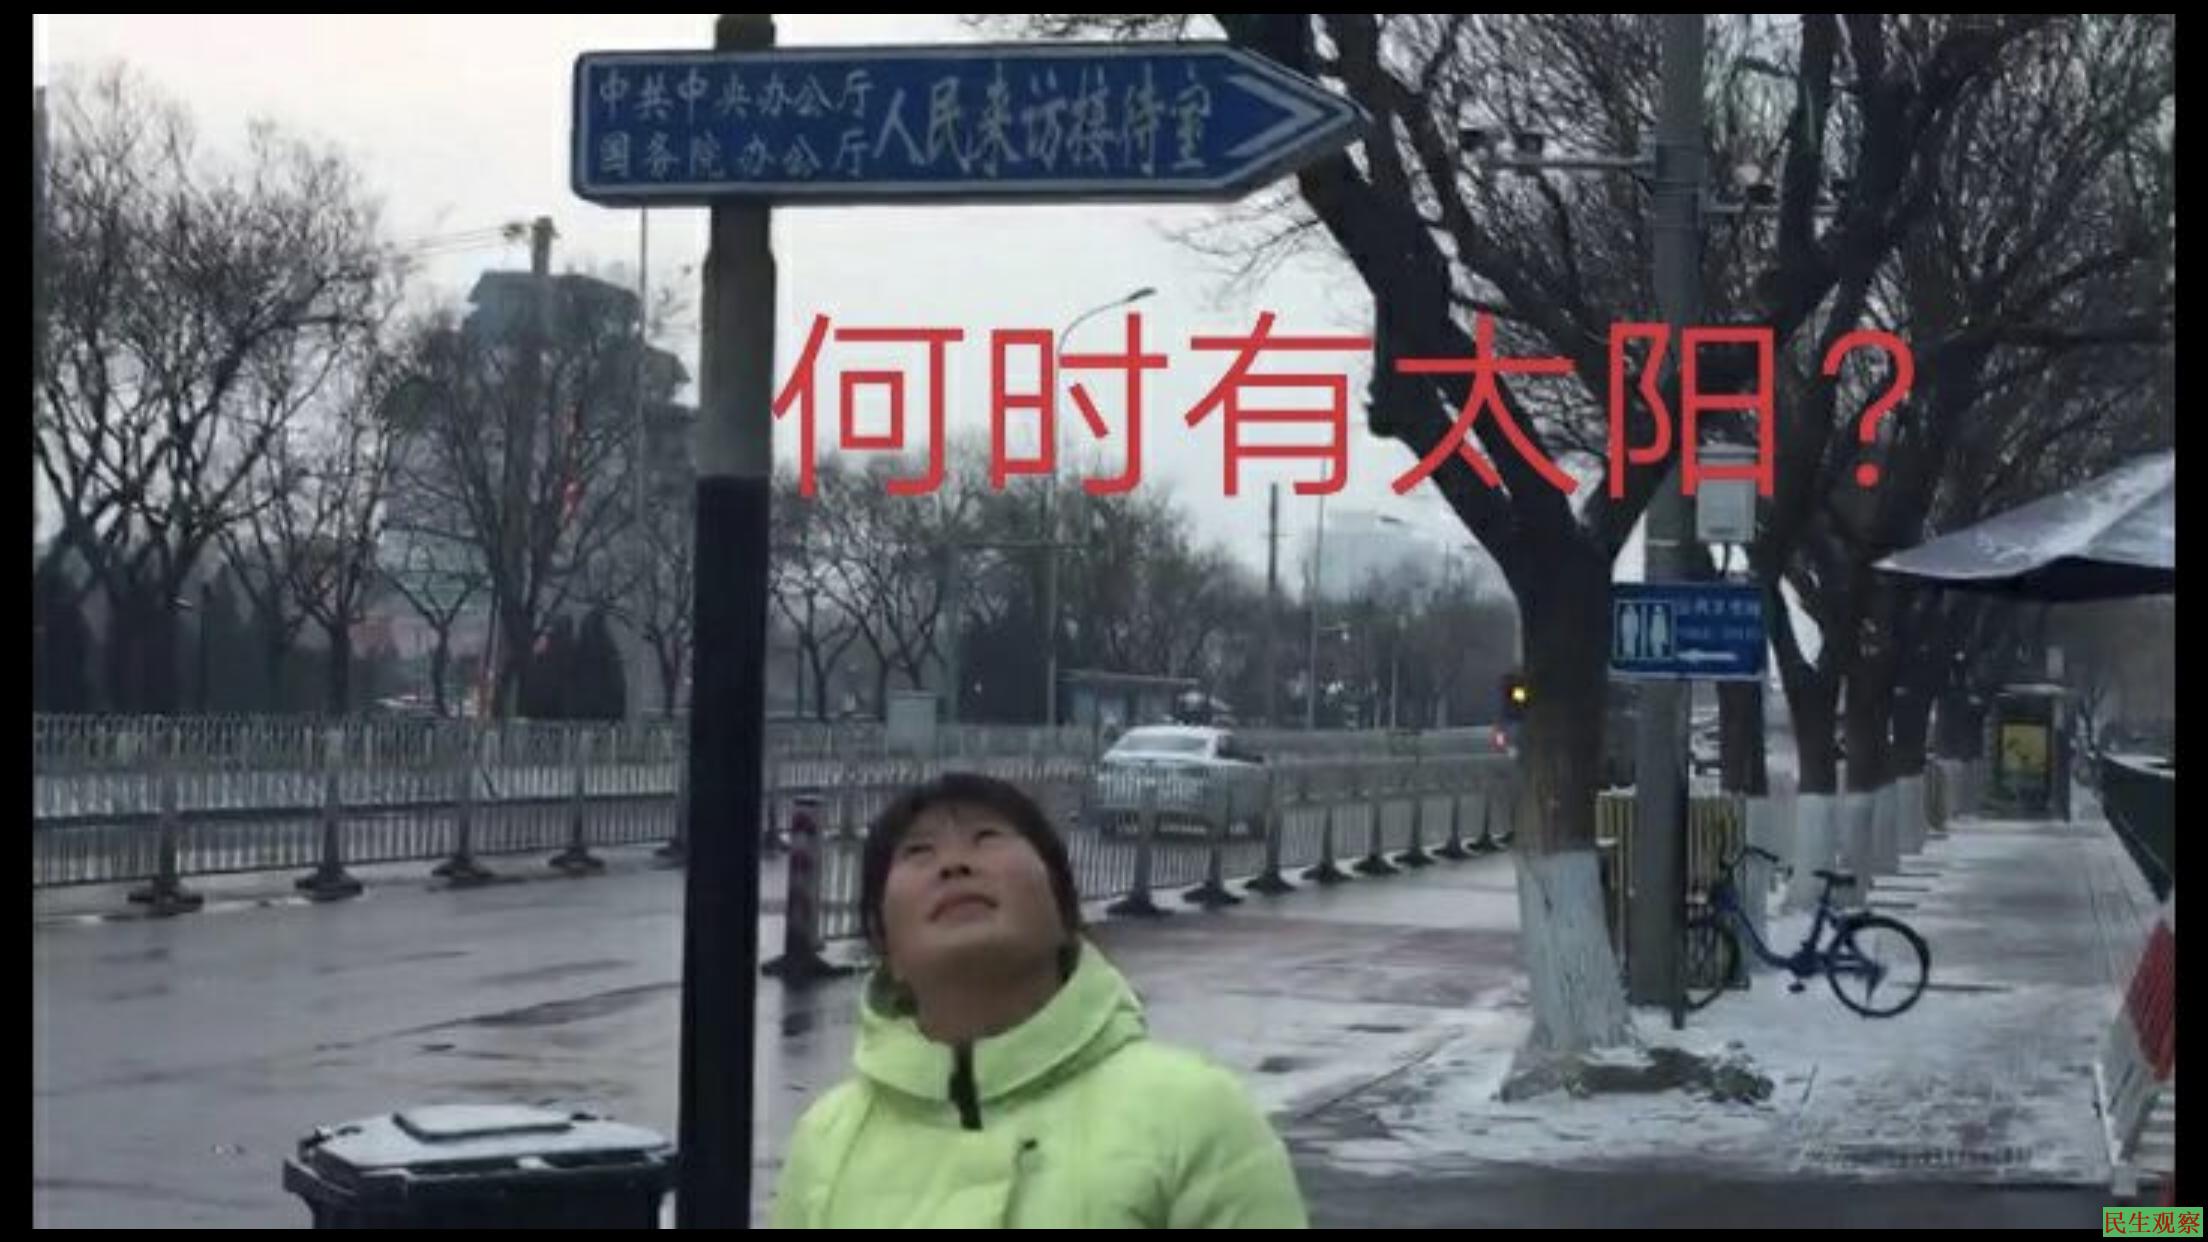 江苏省维权访民孟海霞